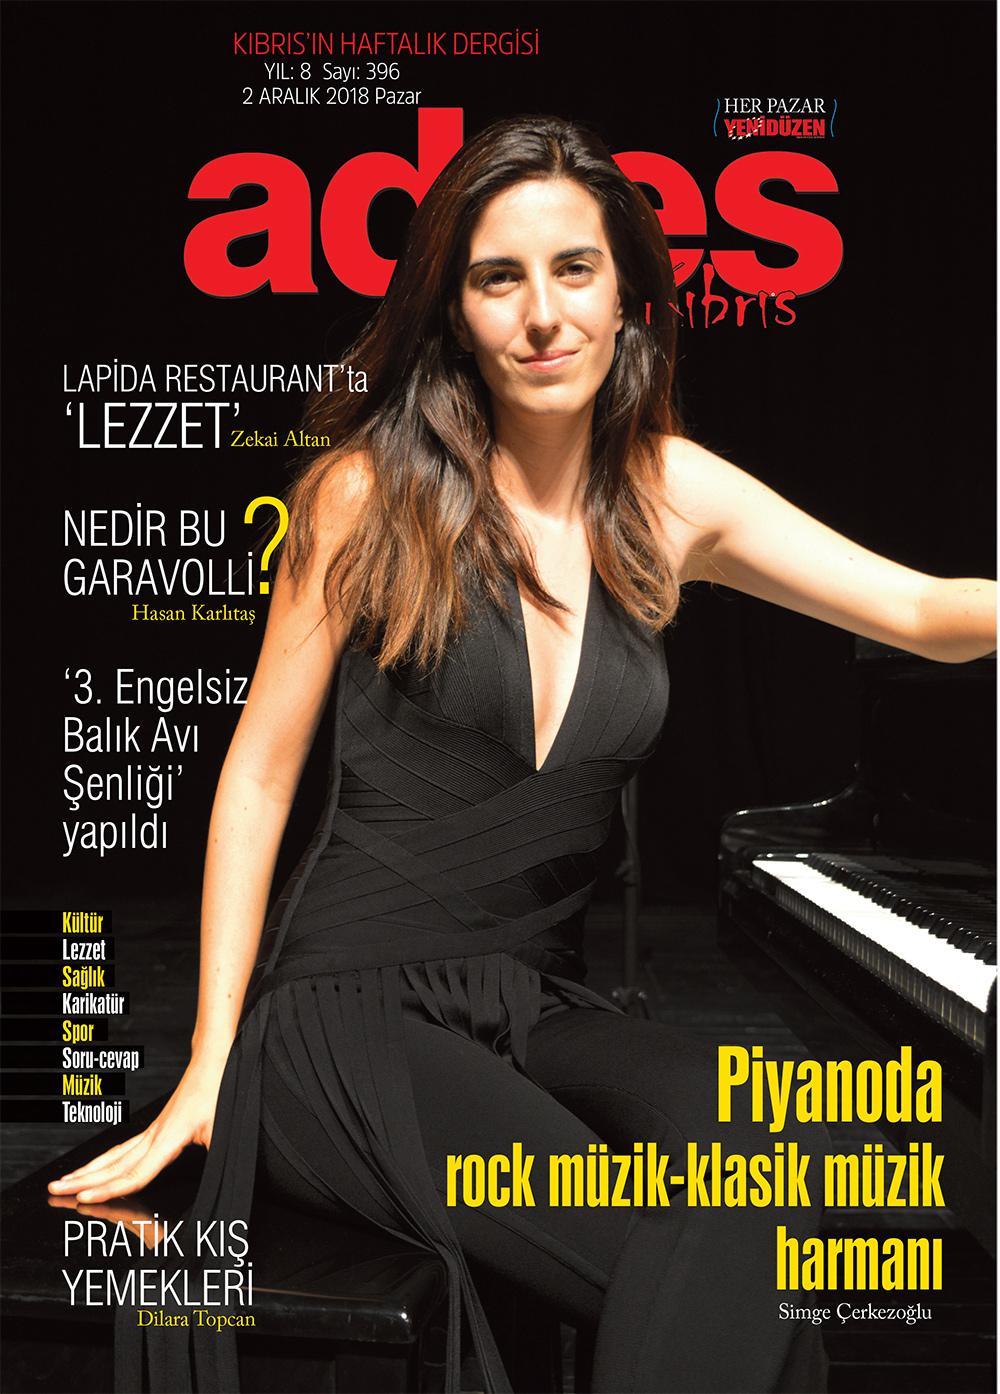 Adres Kıbrıs 396 Sayısı